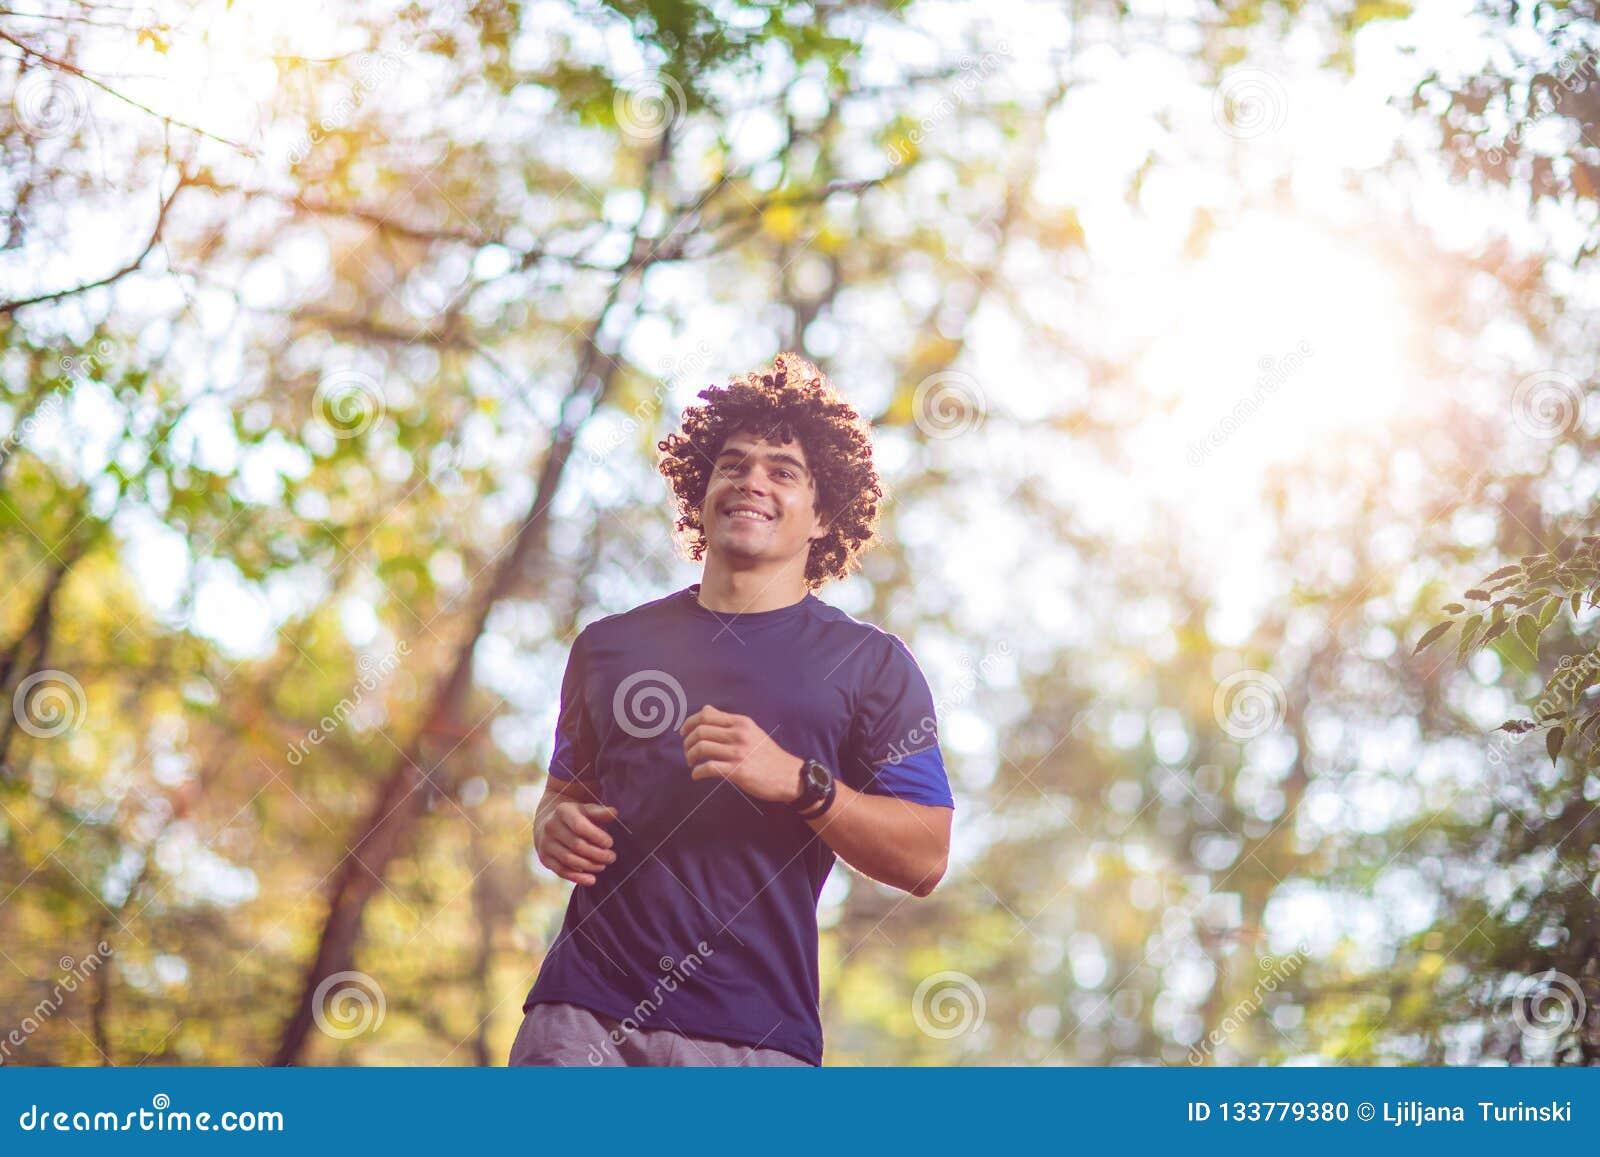 Hombre que corre en la aptitud de la naturaleza, deporte, entrenamiento de la aptitud y